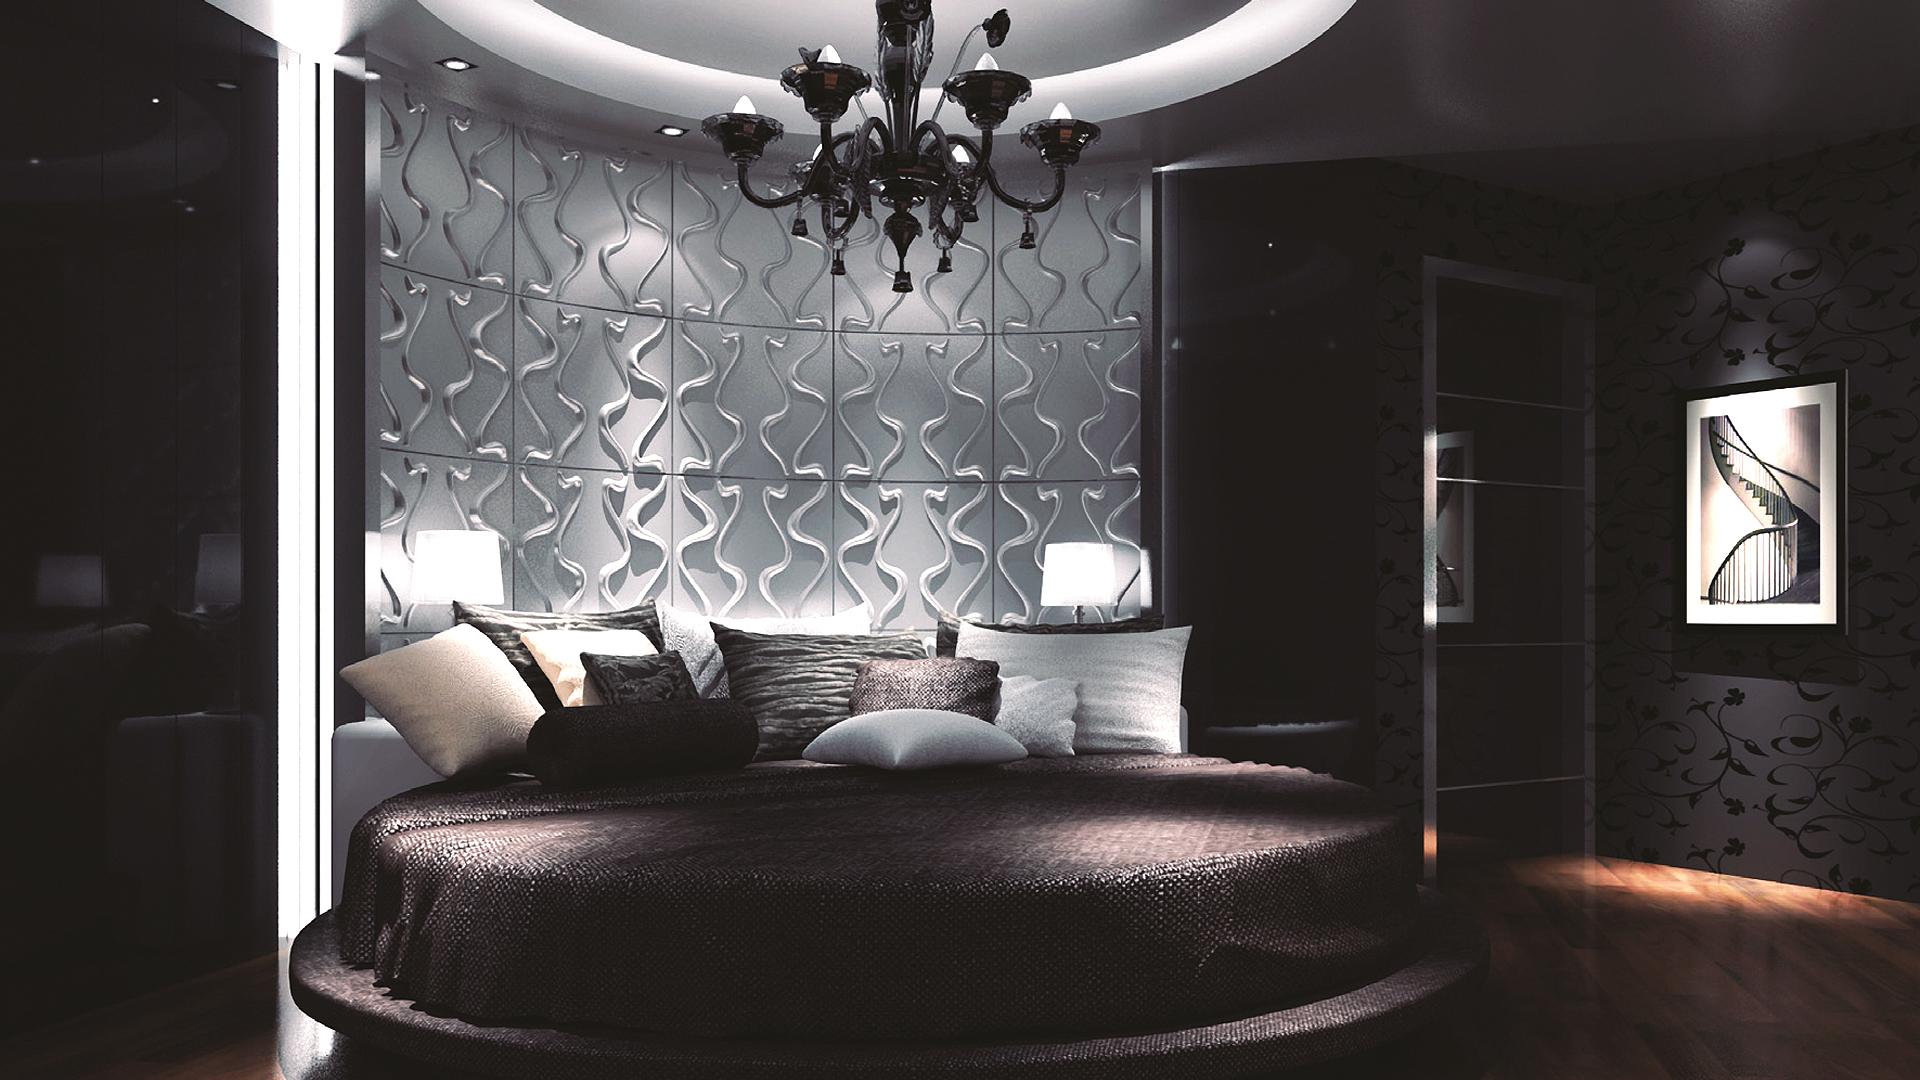 schlafzimmer • 3d wandpaneele | deckenpaneele | wandverkleidung, Hause deko